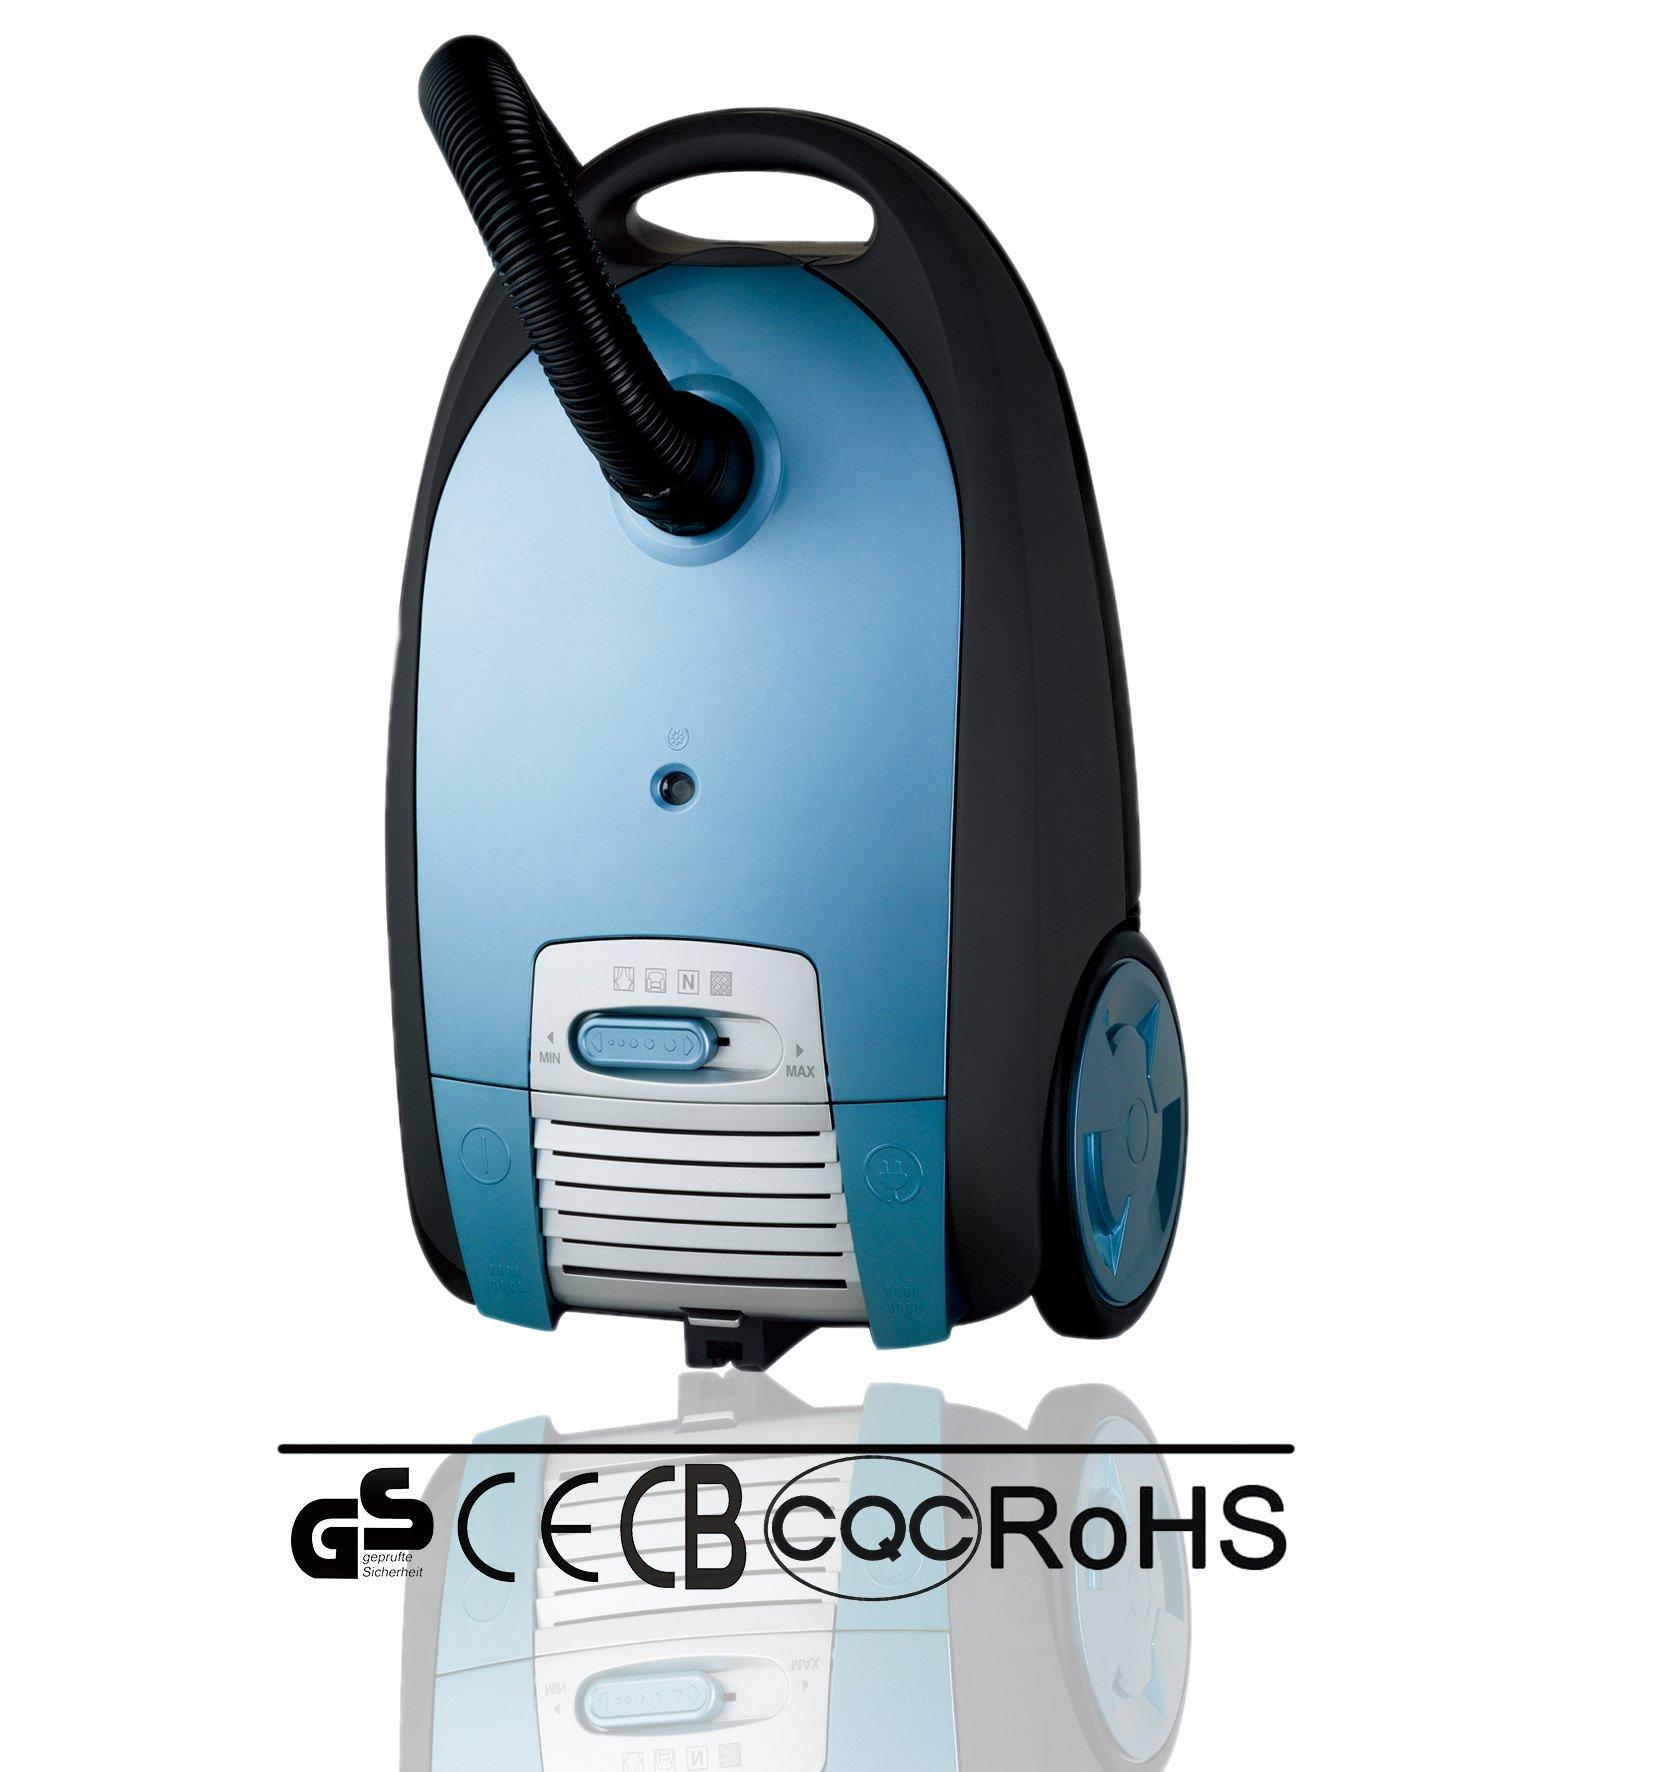 aspirateur automatique de robot pour l 39 usage la maison vc115 aspirateur automatique de robot. Black Bedroom Furniture Sets. Home Design Ideas